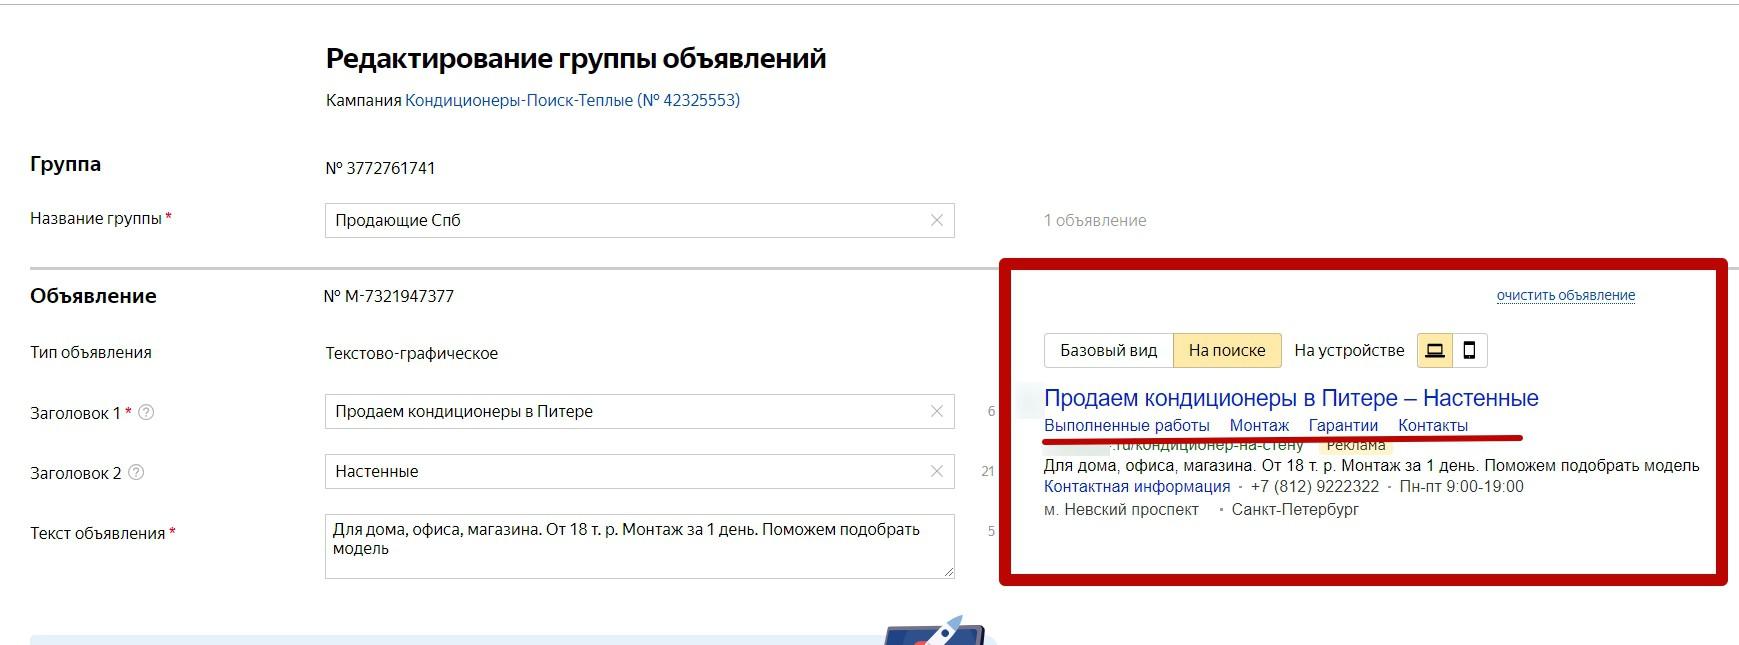 Реклама на поиске Яндекса – как выглядит объявление с быстрыми ссылками